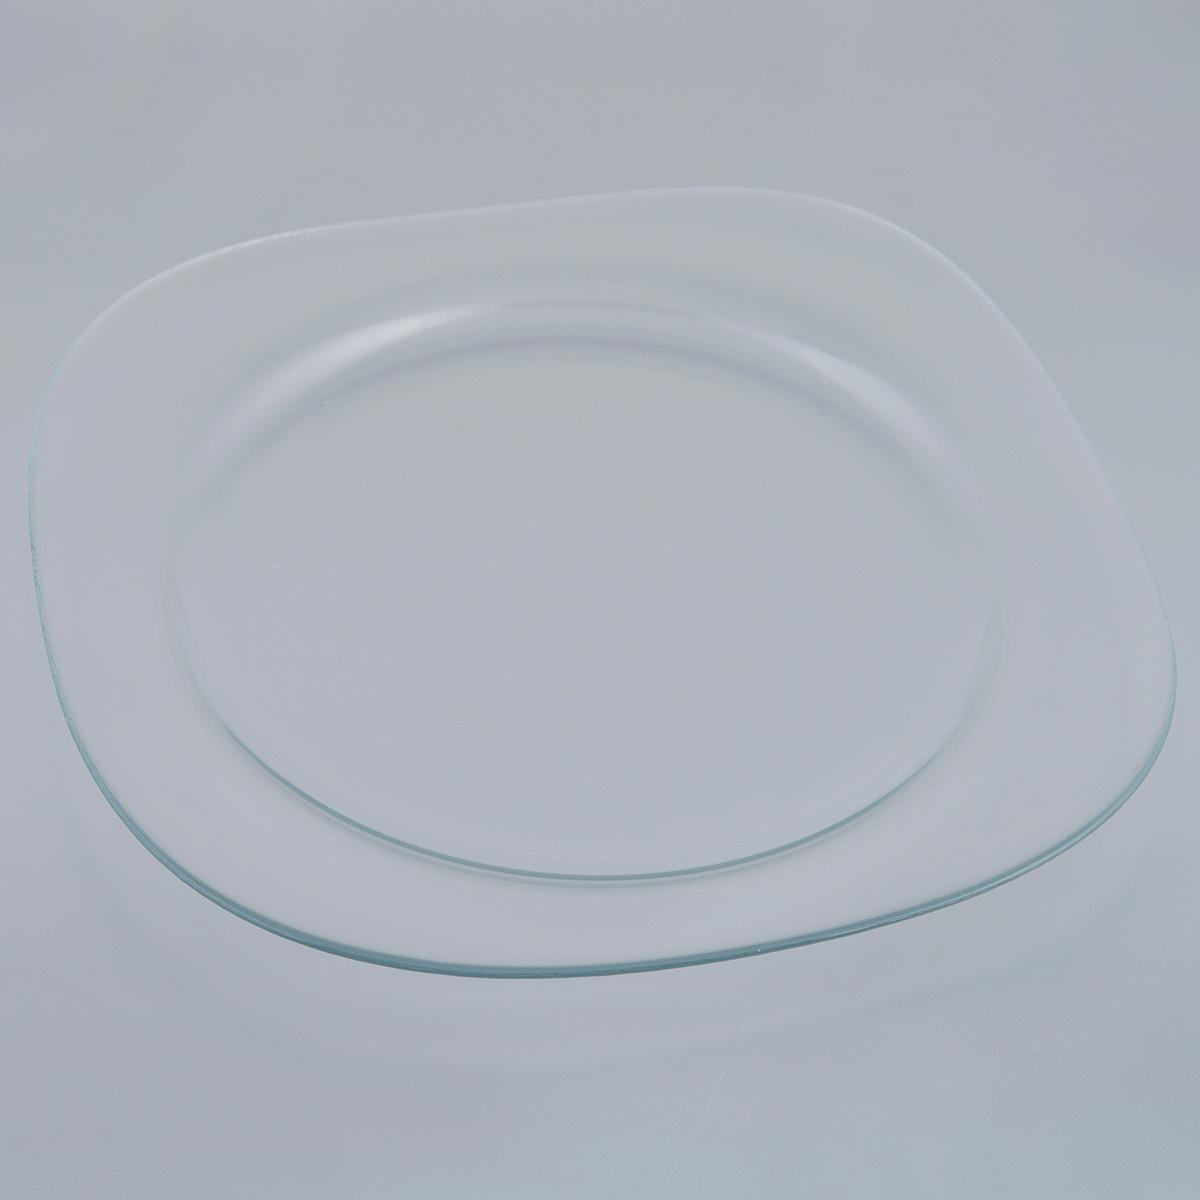 Блюдо Pasabahce Invitation, 31 х 31 см10469BБлюдо Pasabahce Invitation изготовлено из прочного закаленного натрий-кальций-силикатного стекла. Изделие имеет квадратную форму с закругленными углами. Изящное блюдо прекрасно подходит для подачи тортов, пирогов и другой выпечки, а также различных закусок и нарезок. Такое блюдо красиво оформит праздничный стол и удивит вас лаконичным и стильным дизайном. Можно мыть в посудомоечной машине.Размер блюда: 31 см х 31 см.Высота блюда: 2 см.